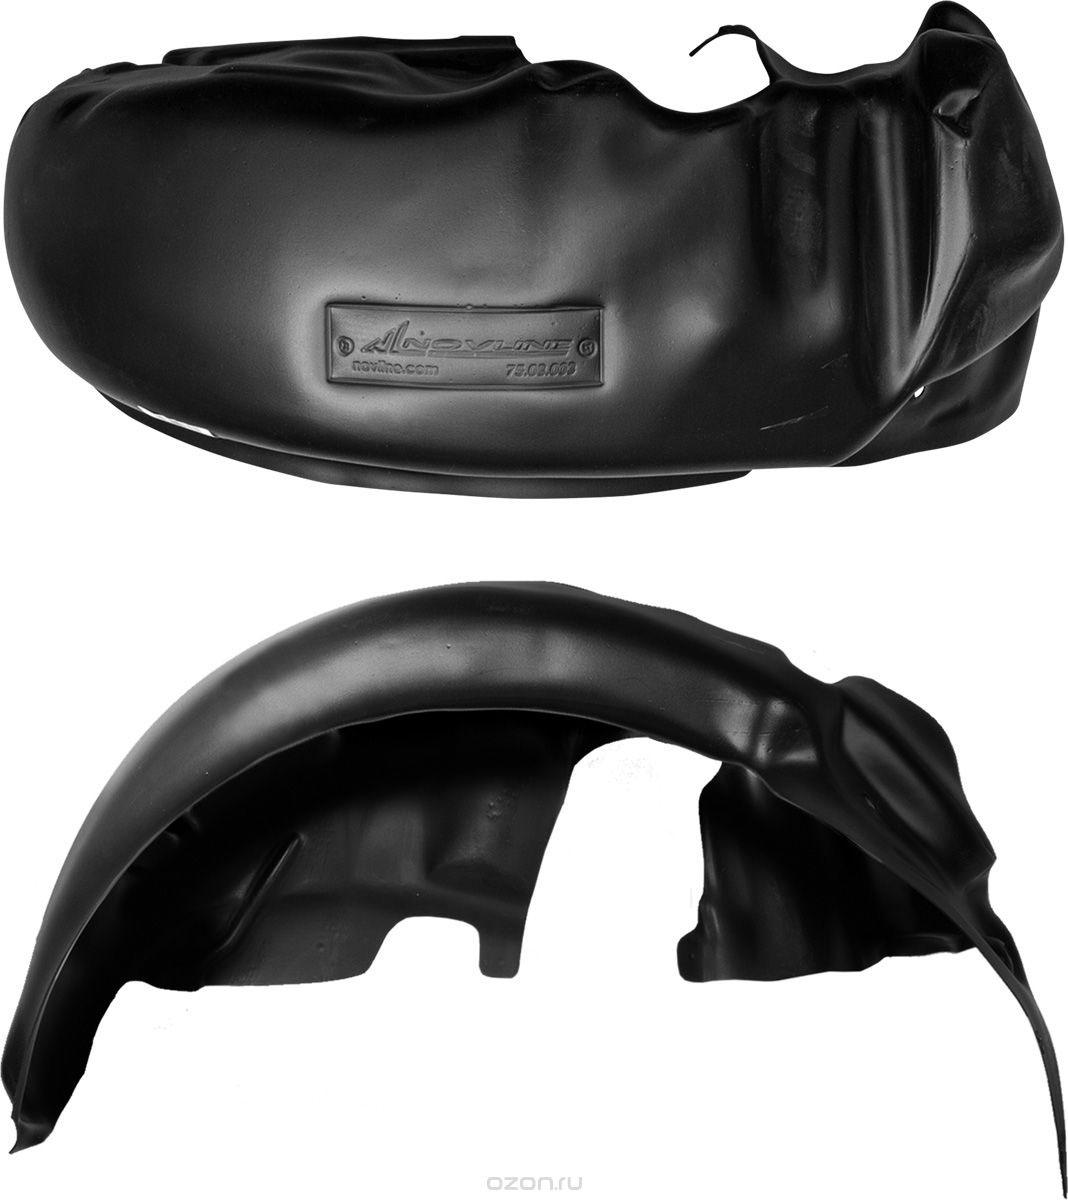 Подкрылок Novline-Autofamily, для Lifan X50, 06/2015->, кроссовер, задний левыйNLL.73.09.003Идеальная защита колесной ниши. Локеры разработаны с применением цифровых технологий, гарантируют максимальную повторяемость поверхности арки. Изделия устанавливаются без нарушения лакокрасочного покрытия автомобиля, каждый подкрылок комплектуется крепежом. Уважаемые клиенты, обращаем ваше внимание, что фотографии на подкрылки универсальные и не отражают реальную форму изделия. При этом само изделие идет точно под размер указанного автомобиля.